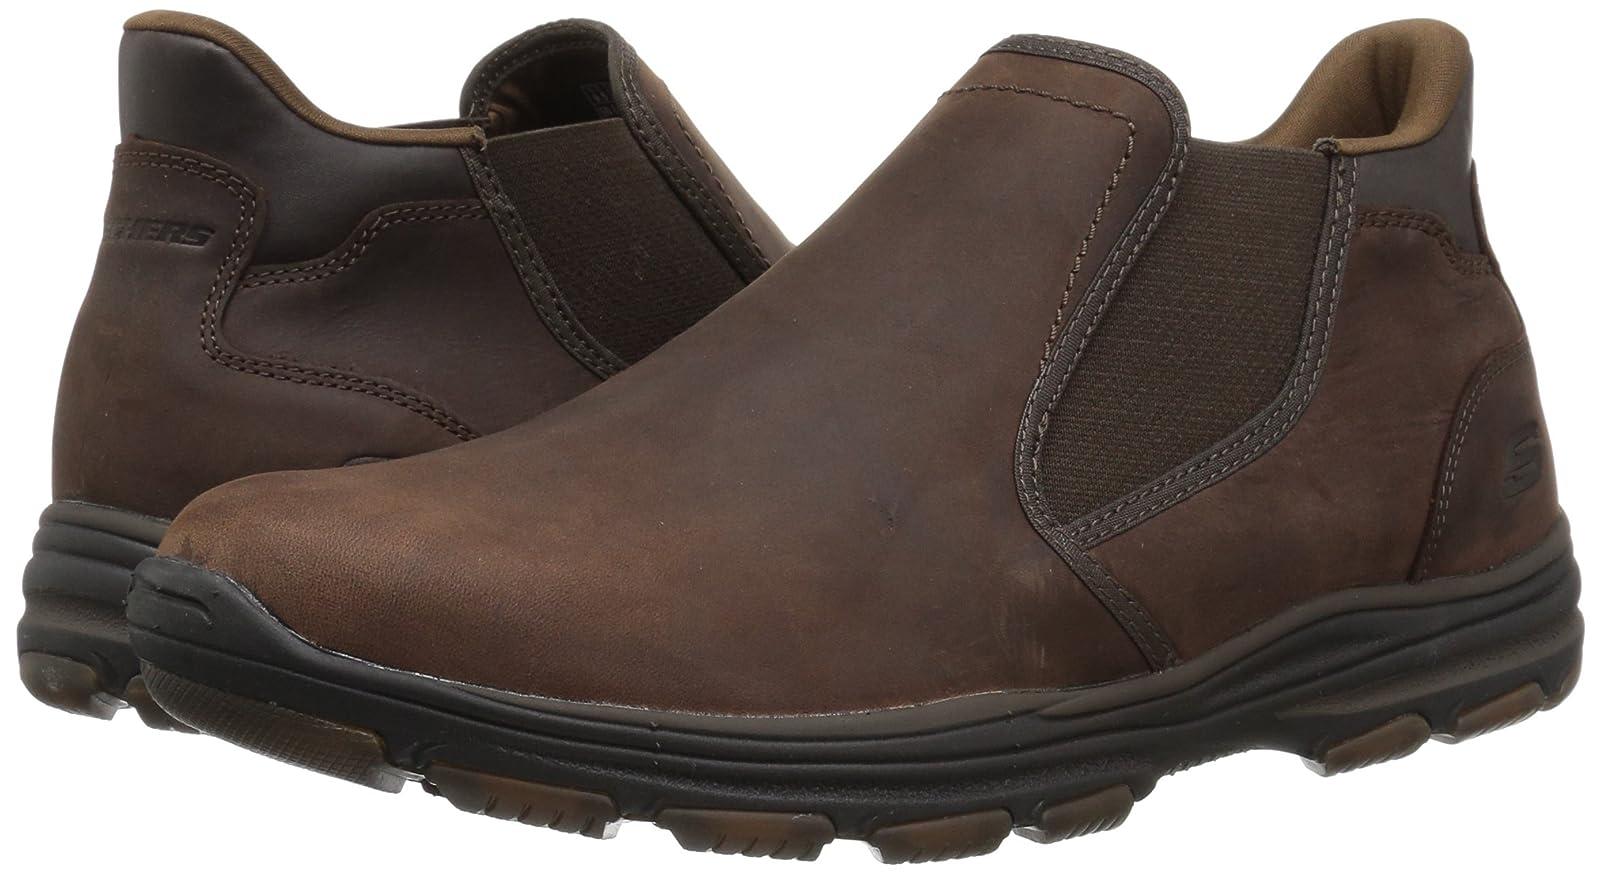 Skechers Men's Garton Keven Ankle Bootie 8 M US - 6